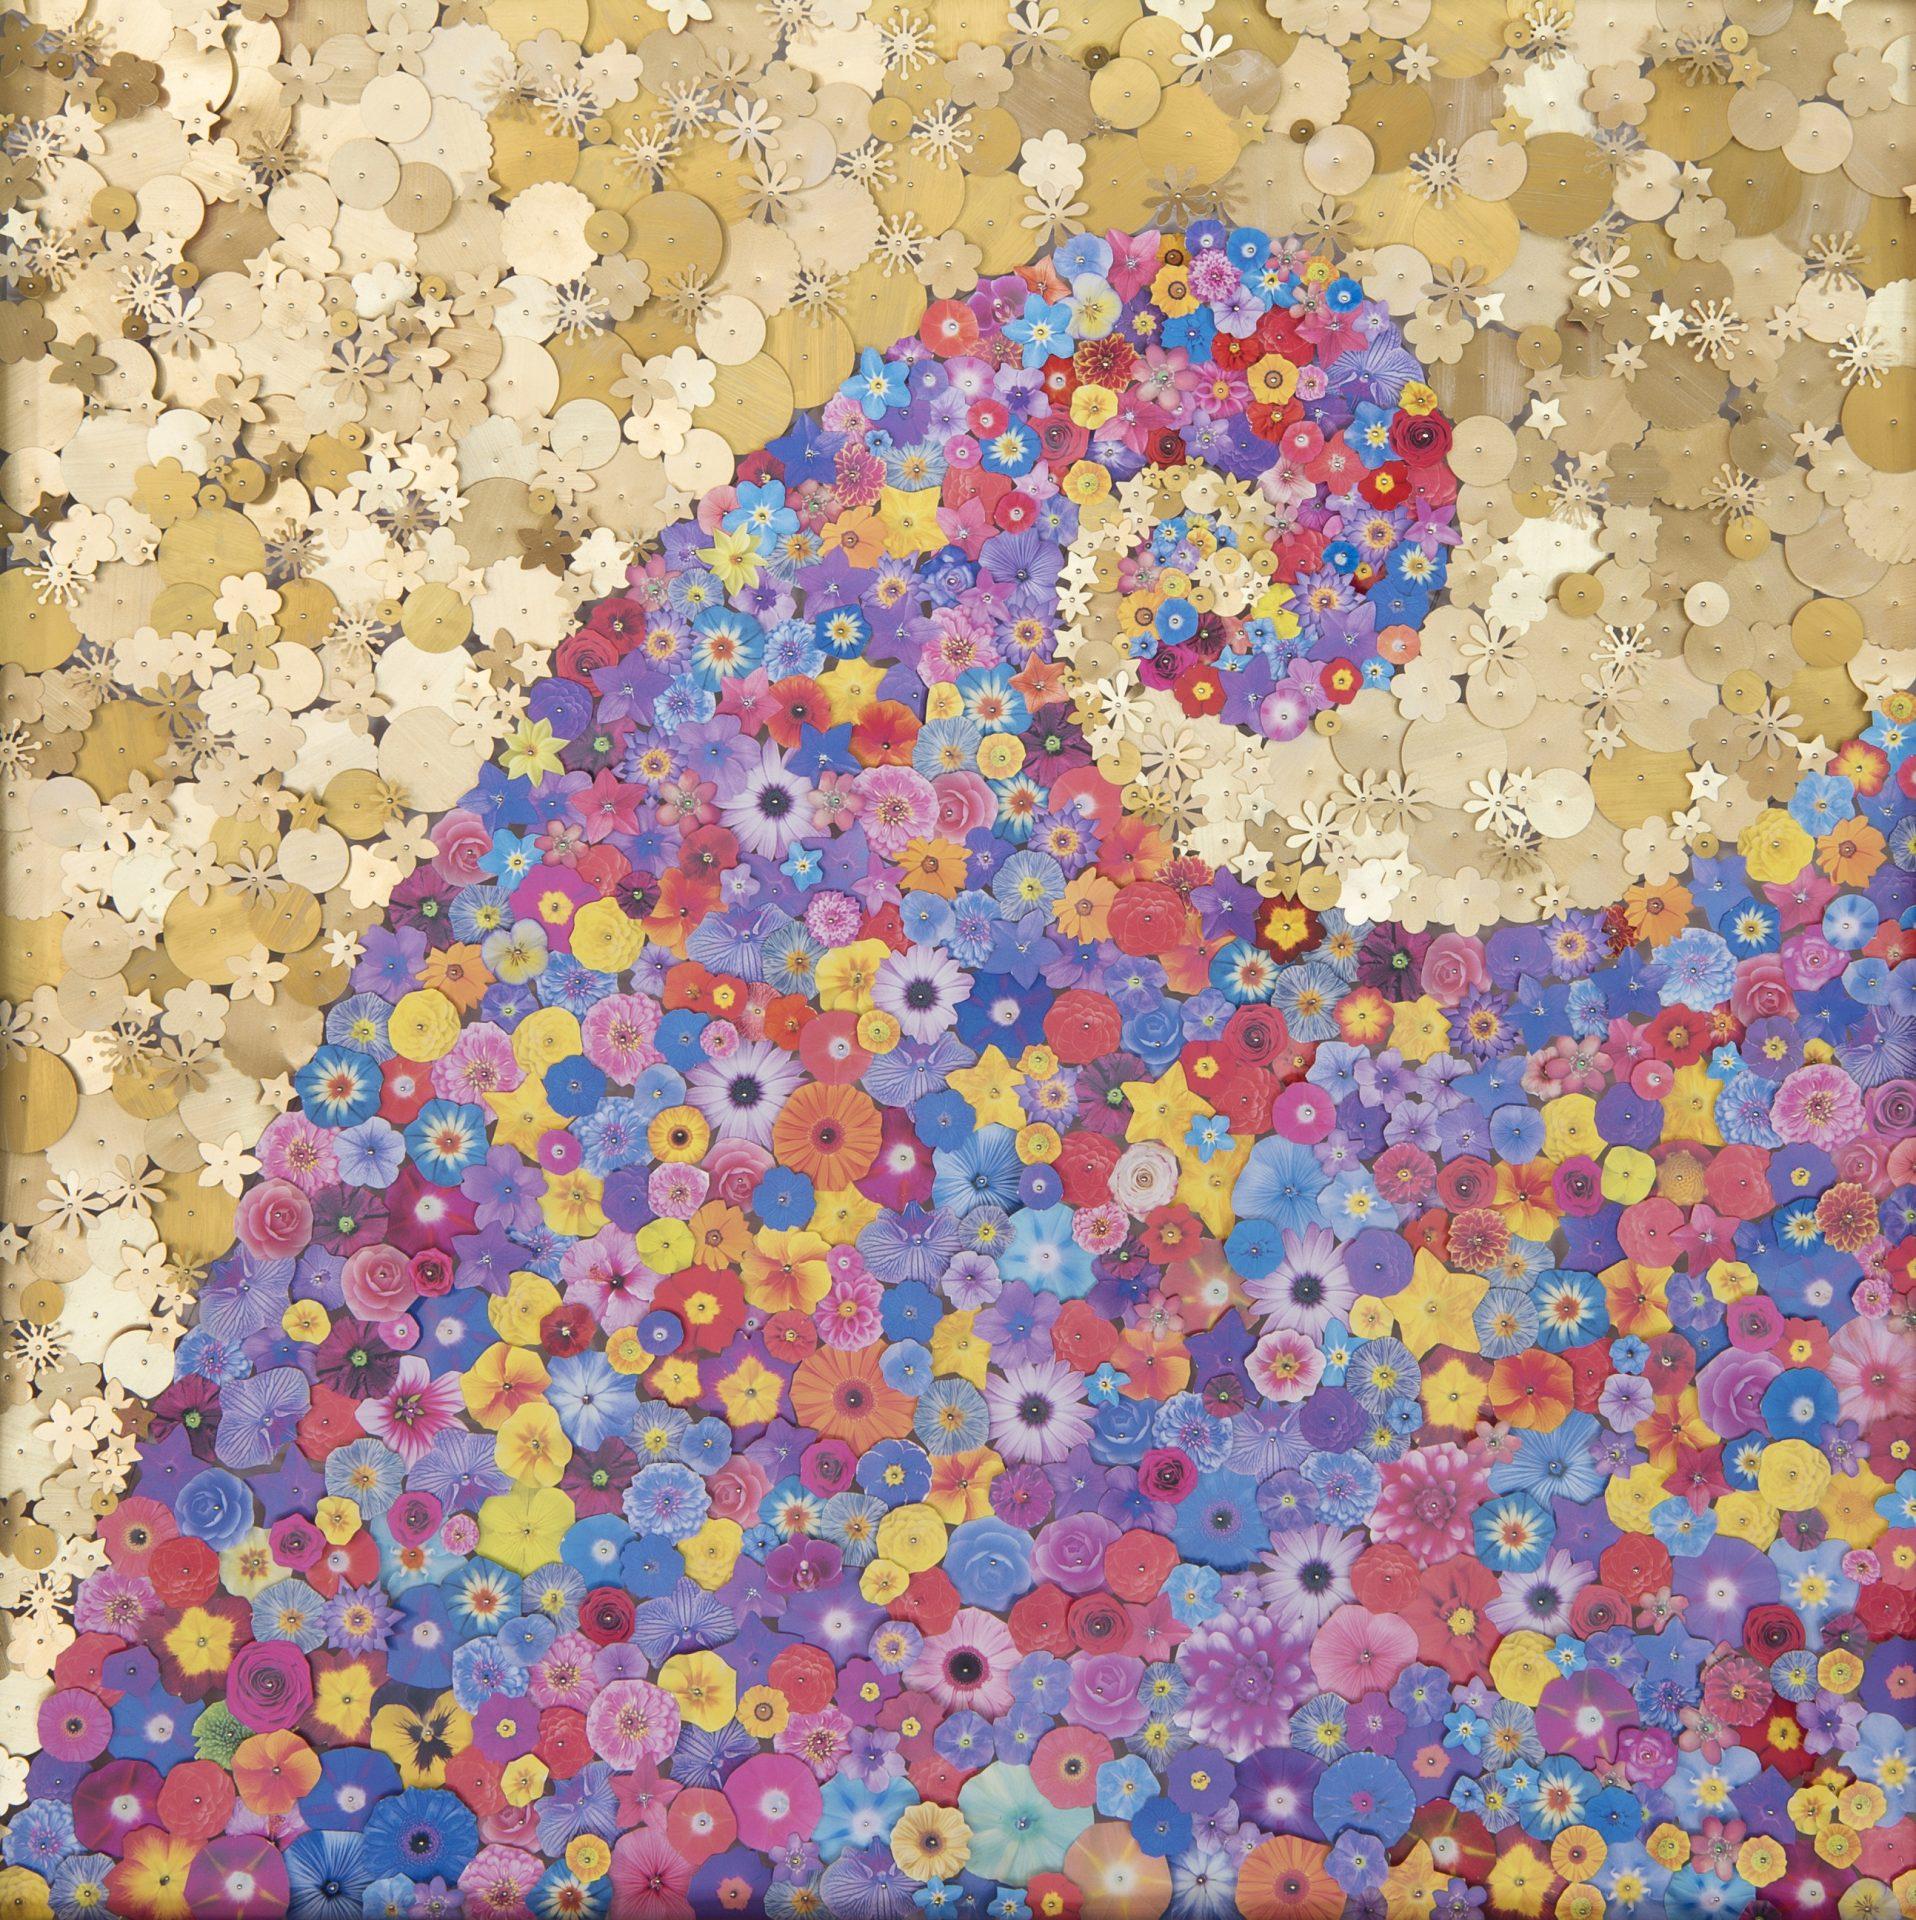 Aggregazioni molecolari e piccole storie della natura<br>MLTT01<br>misure: 70 x 70 cm<br>tecnica: tasselli in pvc stampato e dorato su poliplat<br>anno: 2017<br><br>DISPONIBILE